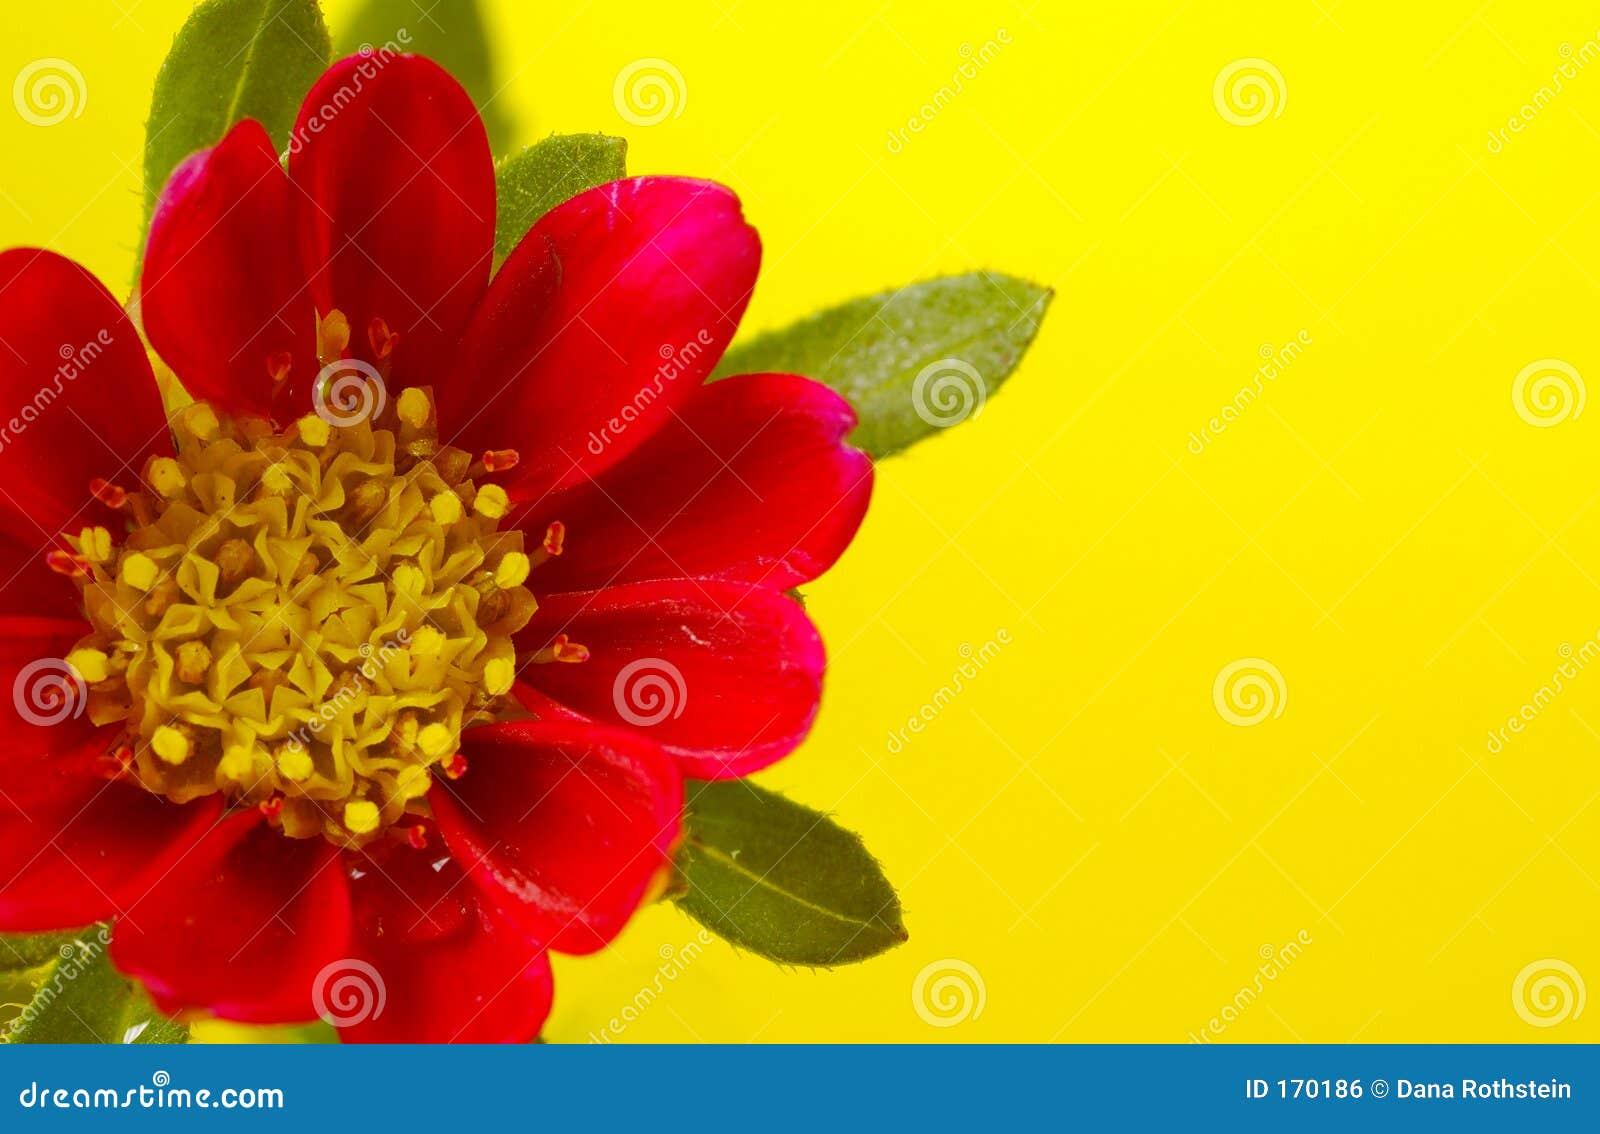 fleur rouge et jaune image libre de droits image 170186. Black Bedroom Furniture Sets. Home Design Ideas